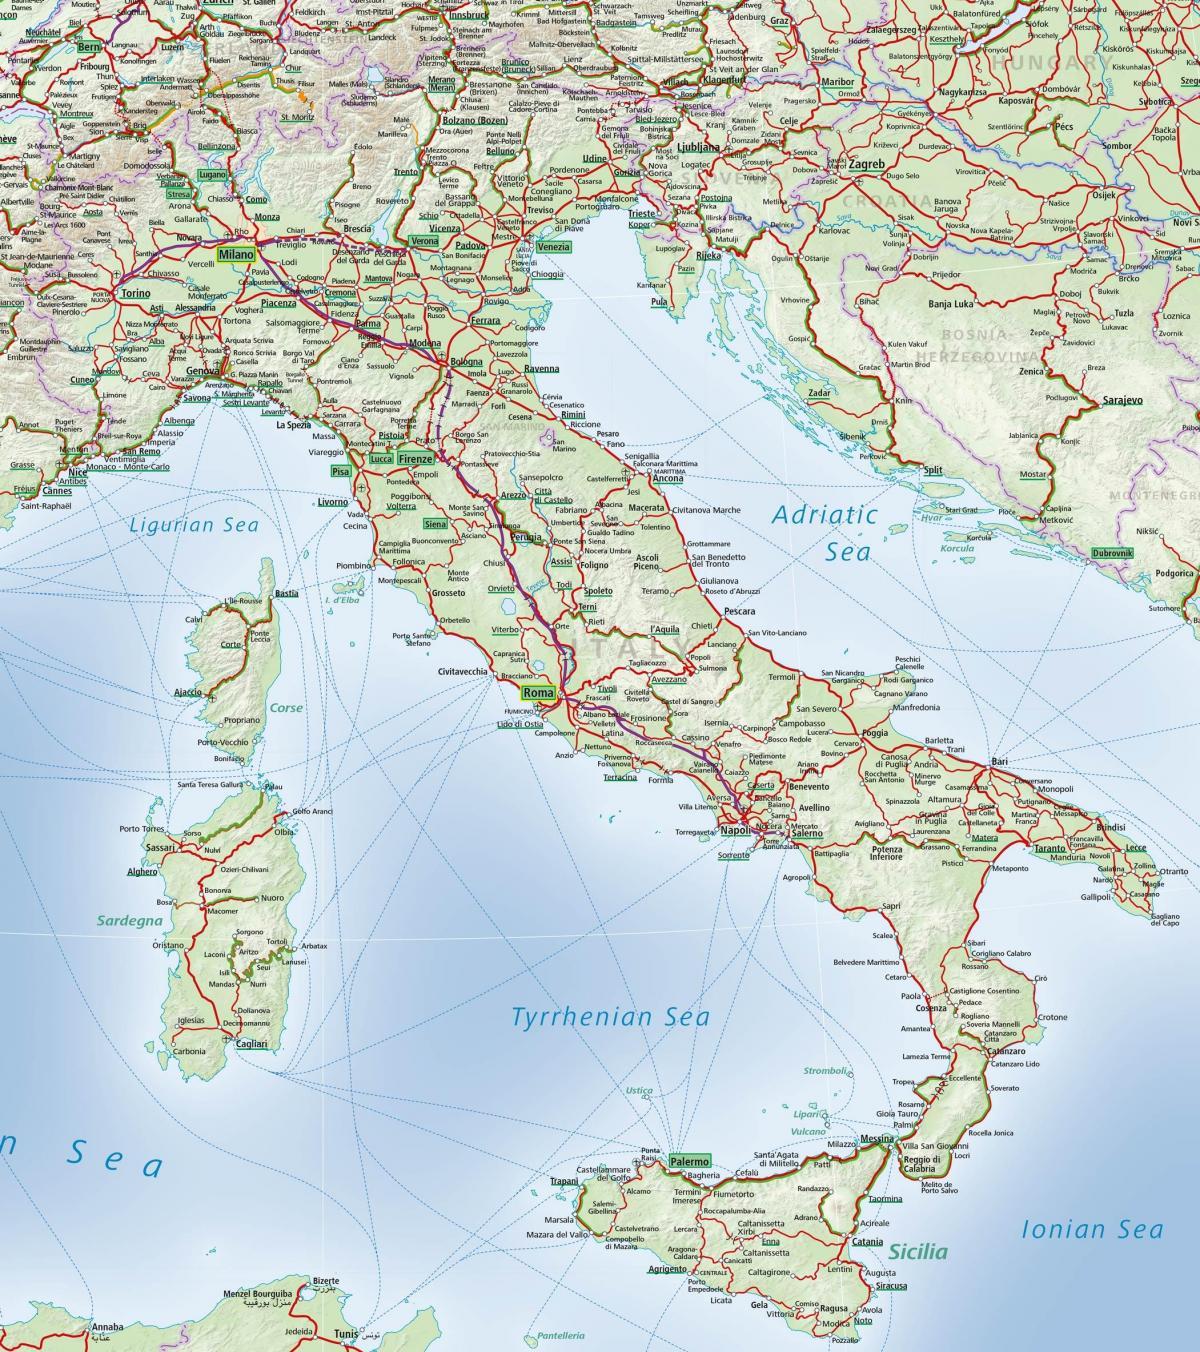 Italian Juna Kartta Italia Rail Jarjestelma Kartta Etela